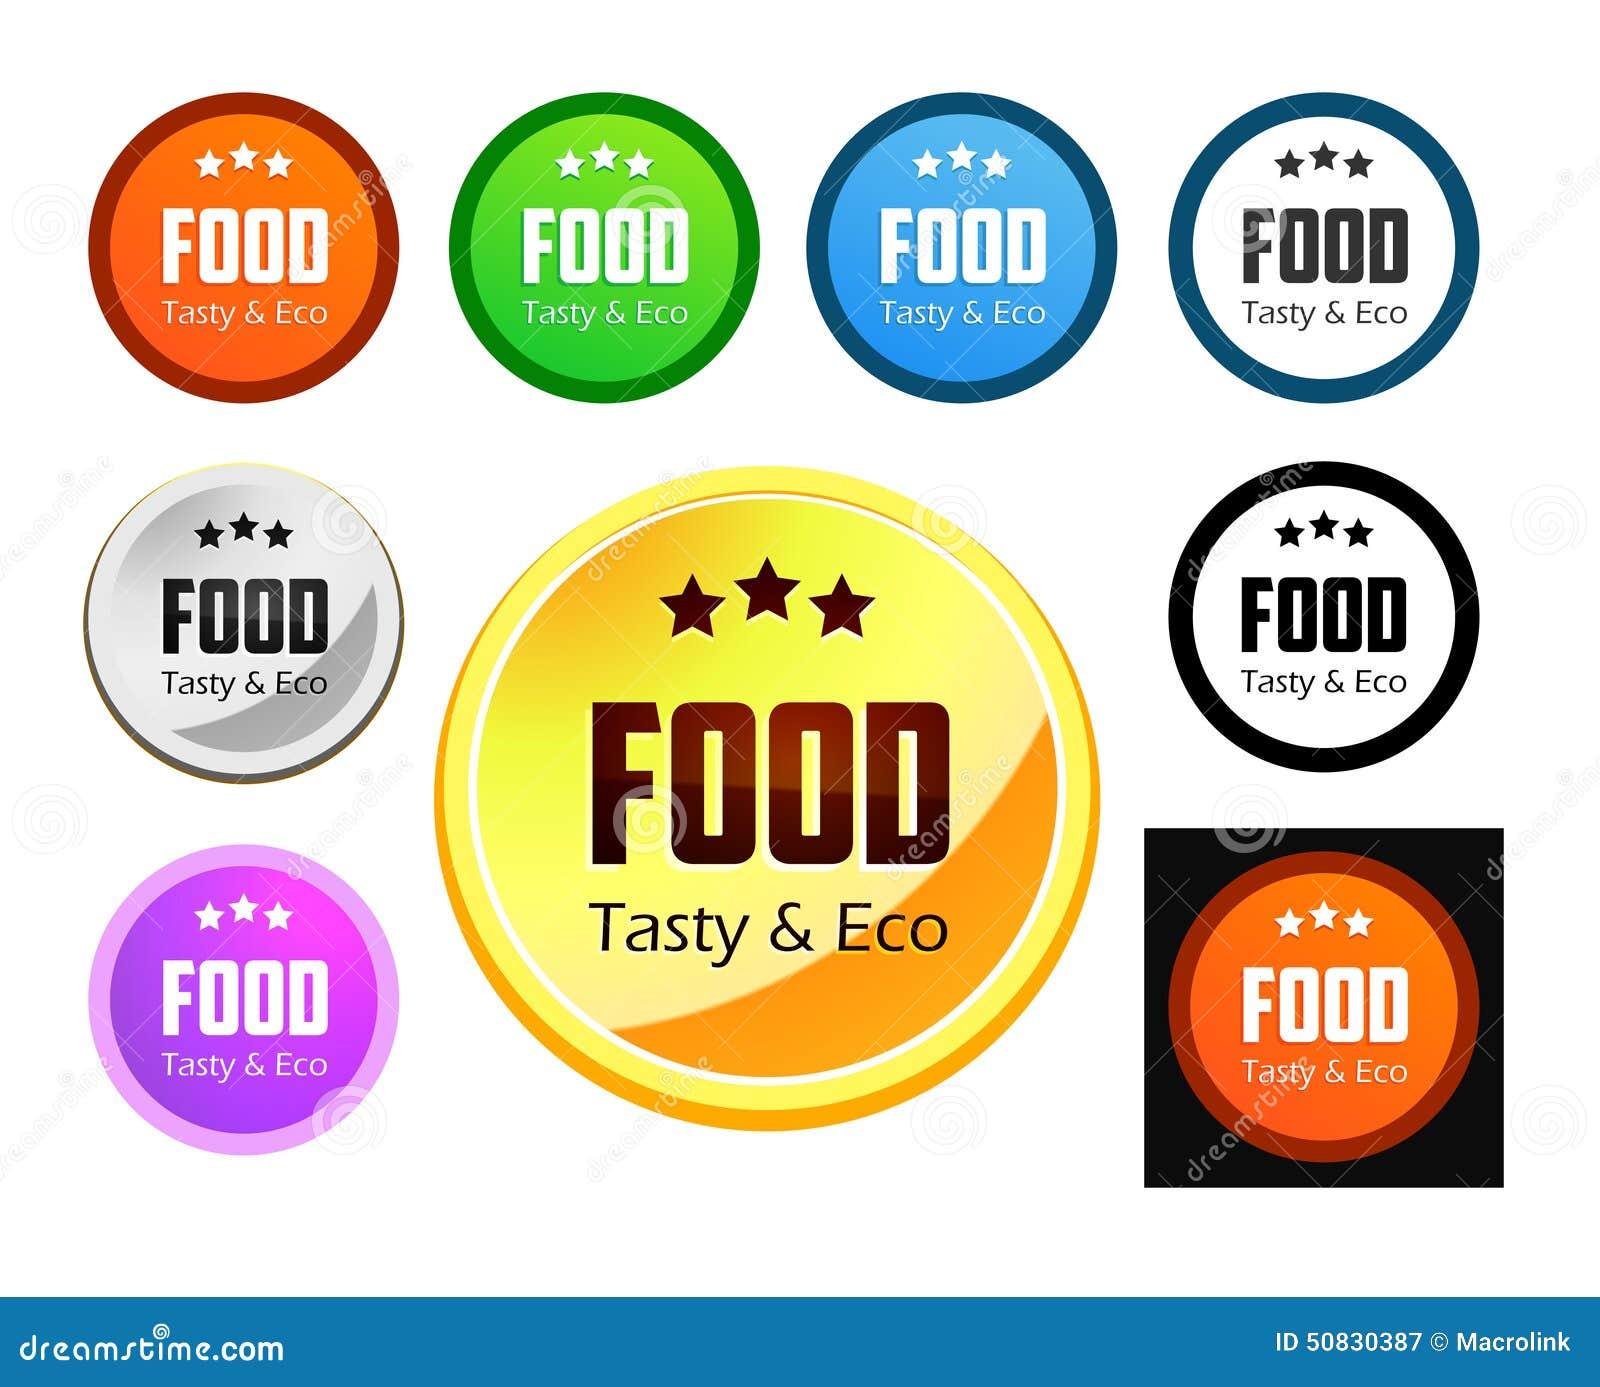 Taste and Eco Food